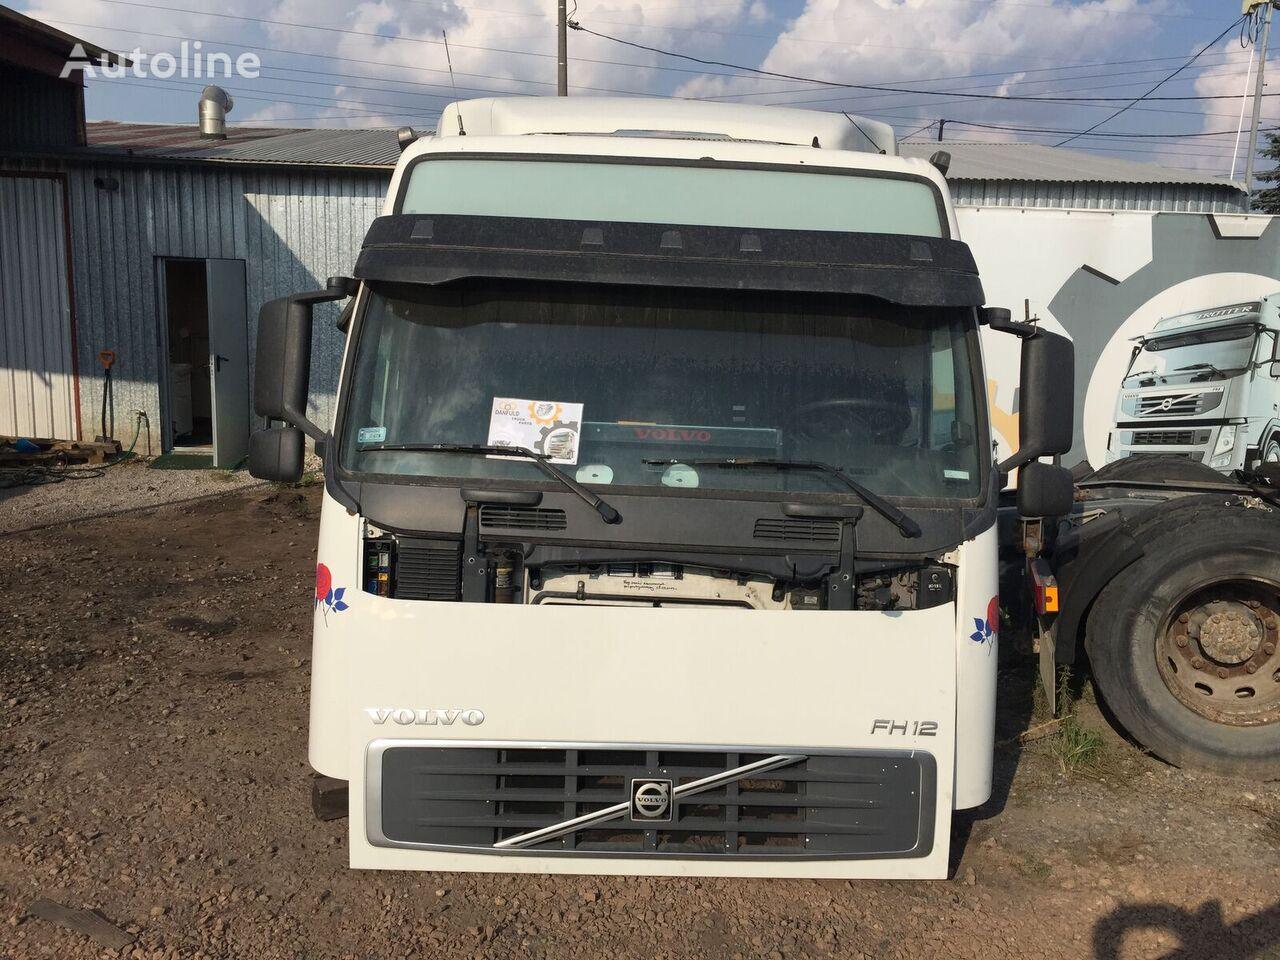 (Volvo FH12) cabin for VOLVO FH12 tractor unit